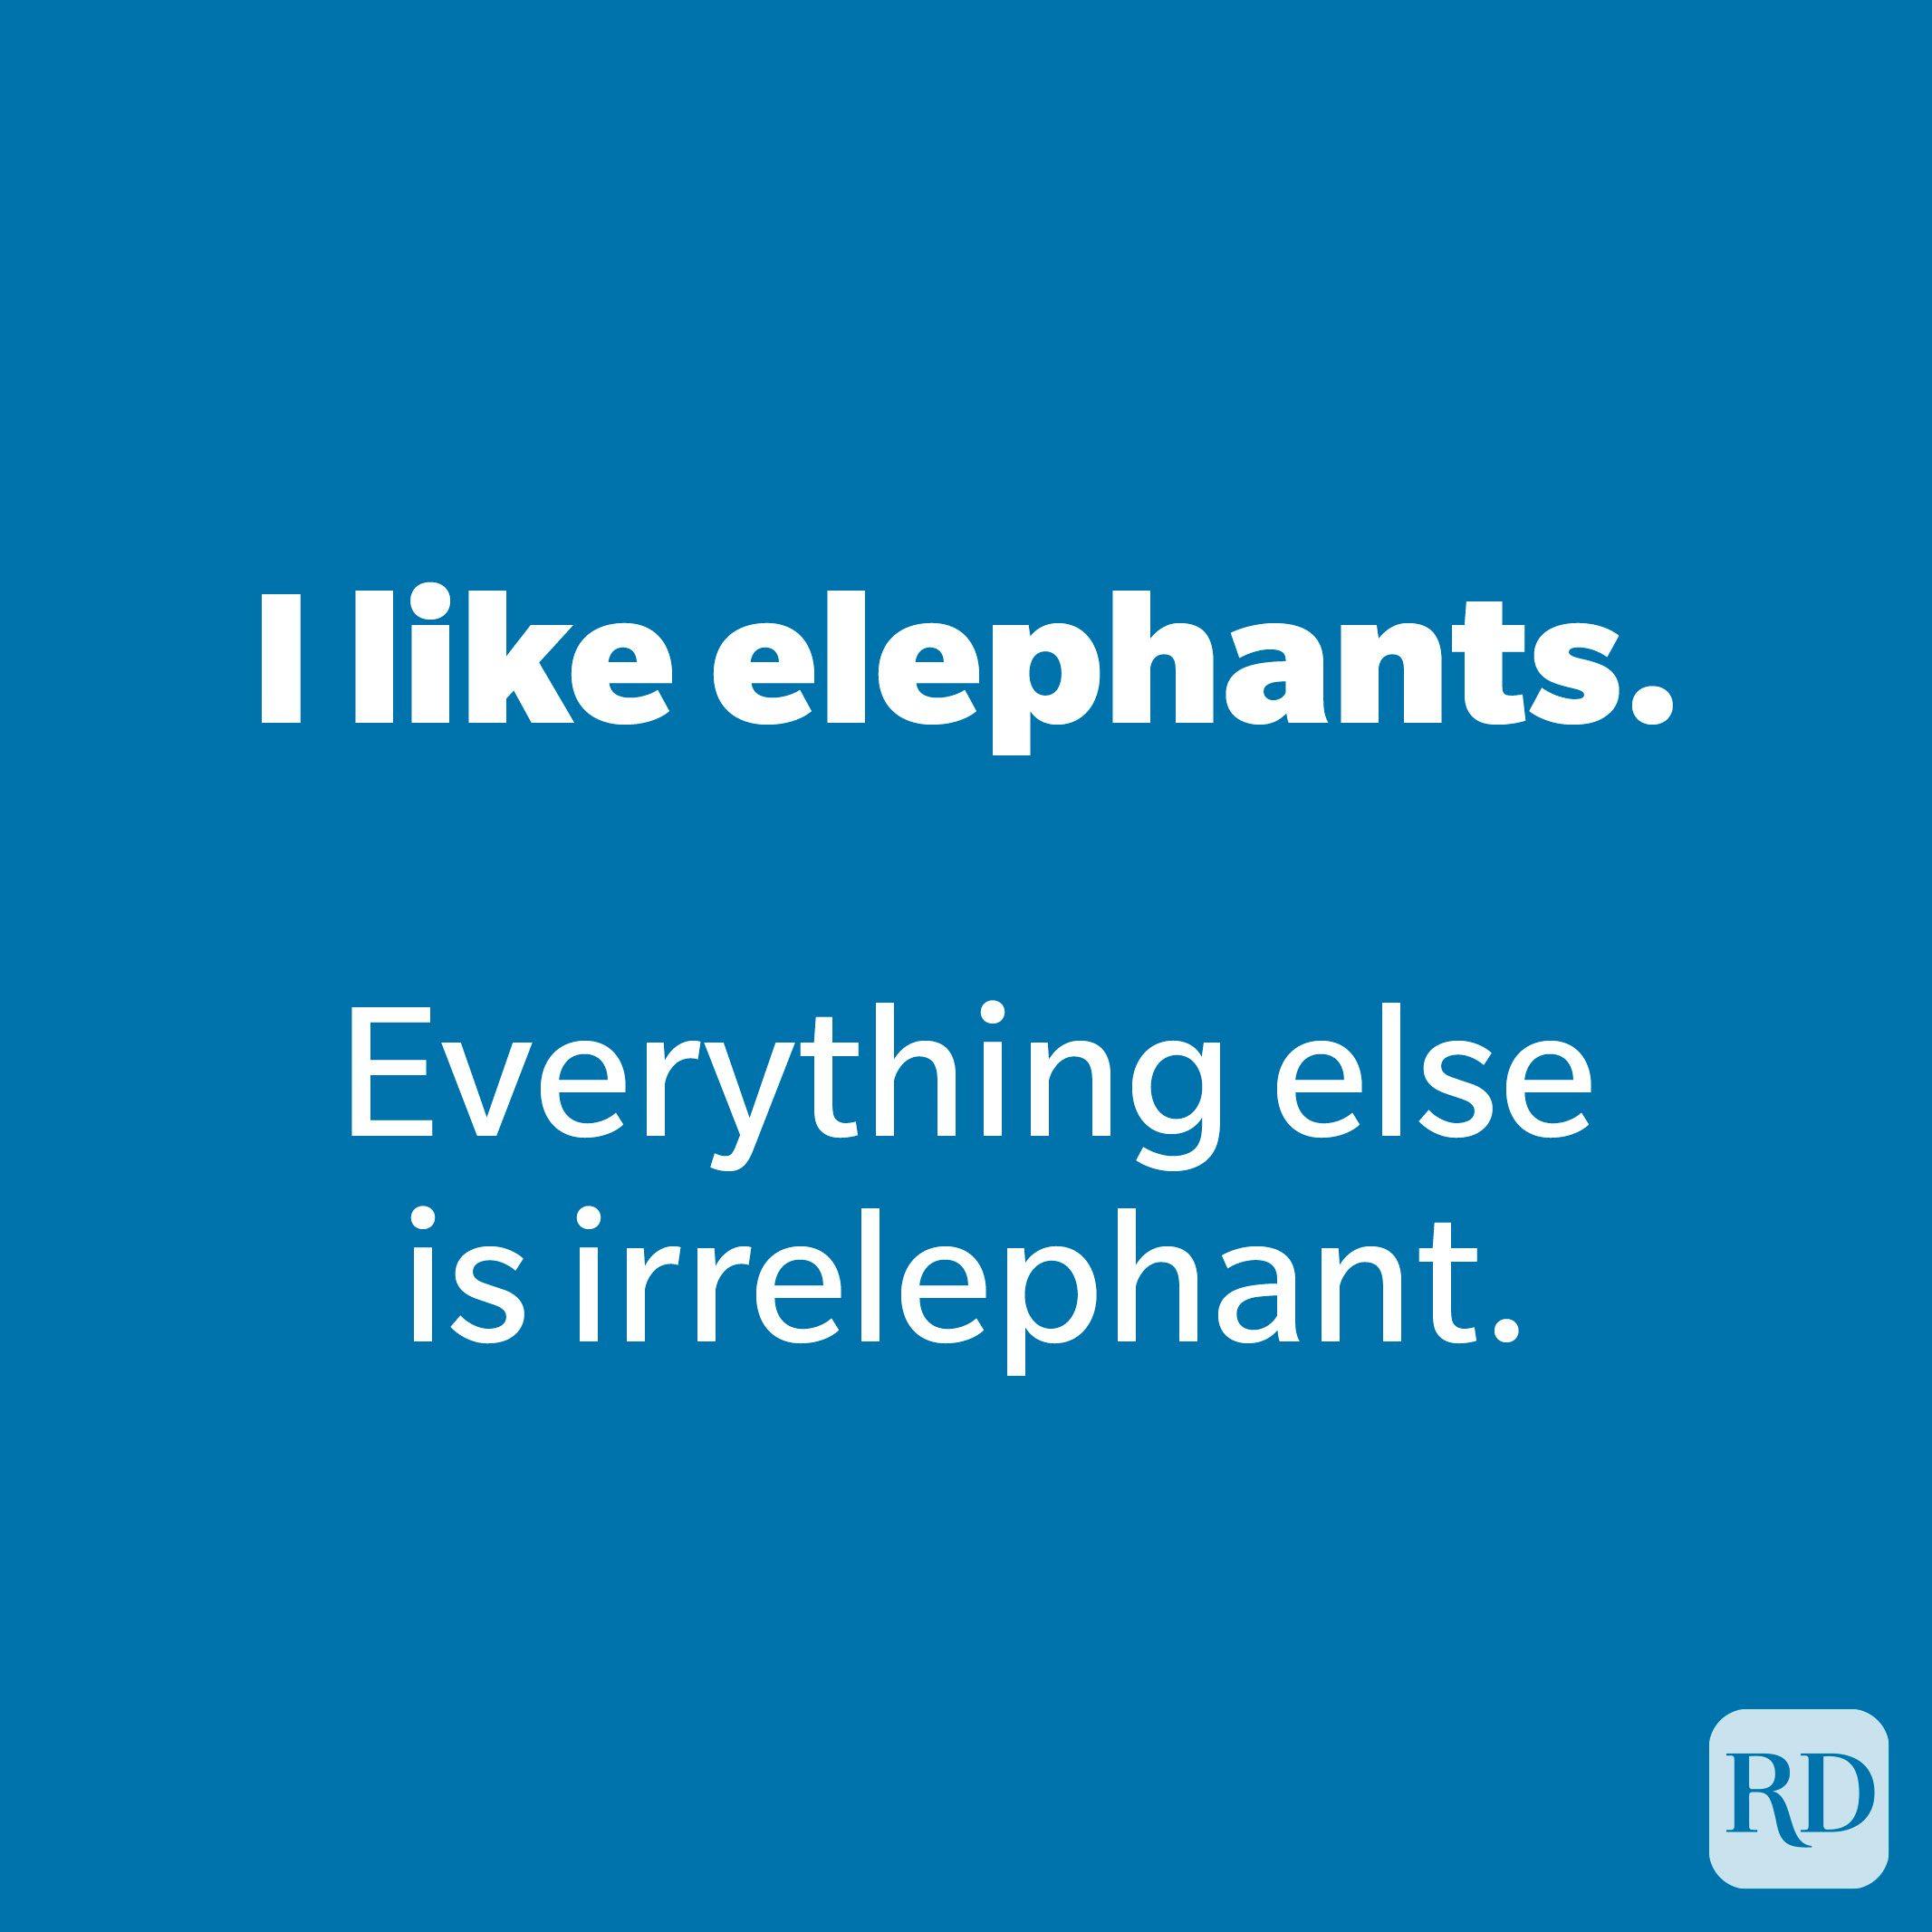 I like elephants.